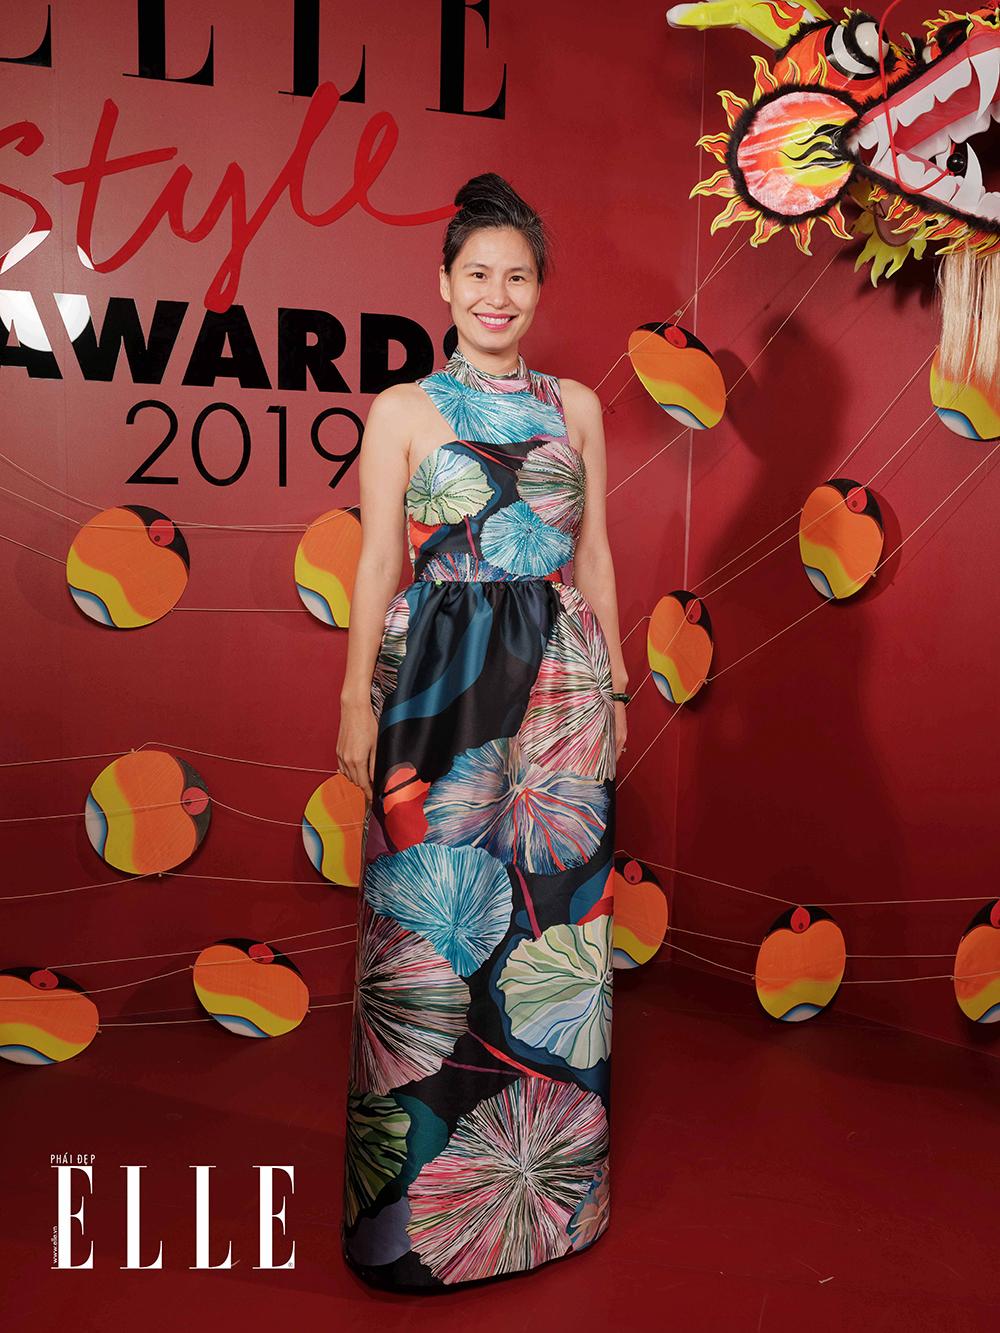 thuỷ nguyễn elle style awards 2019 2